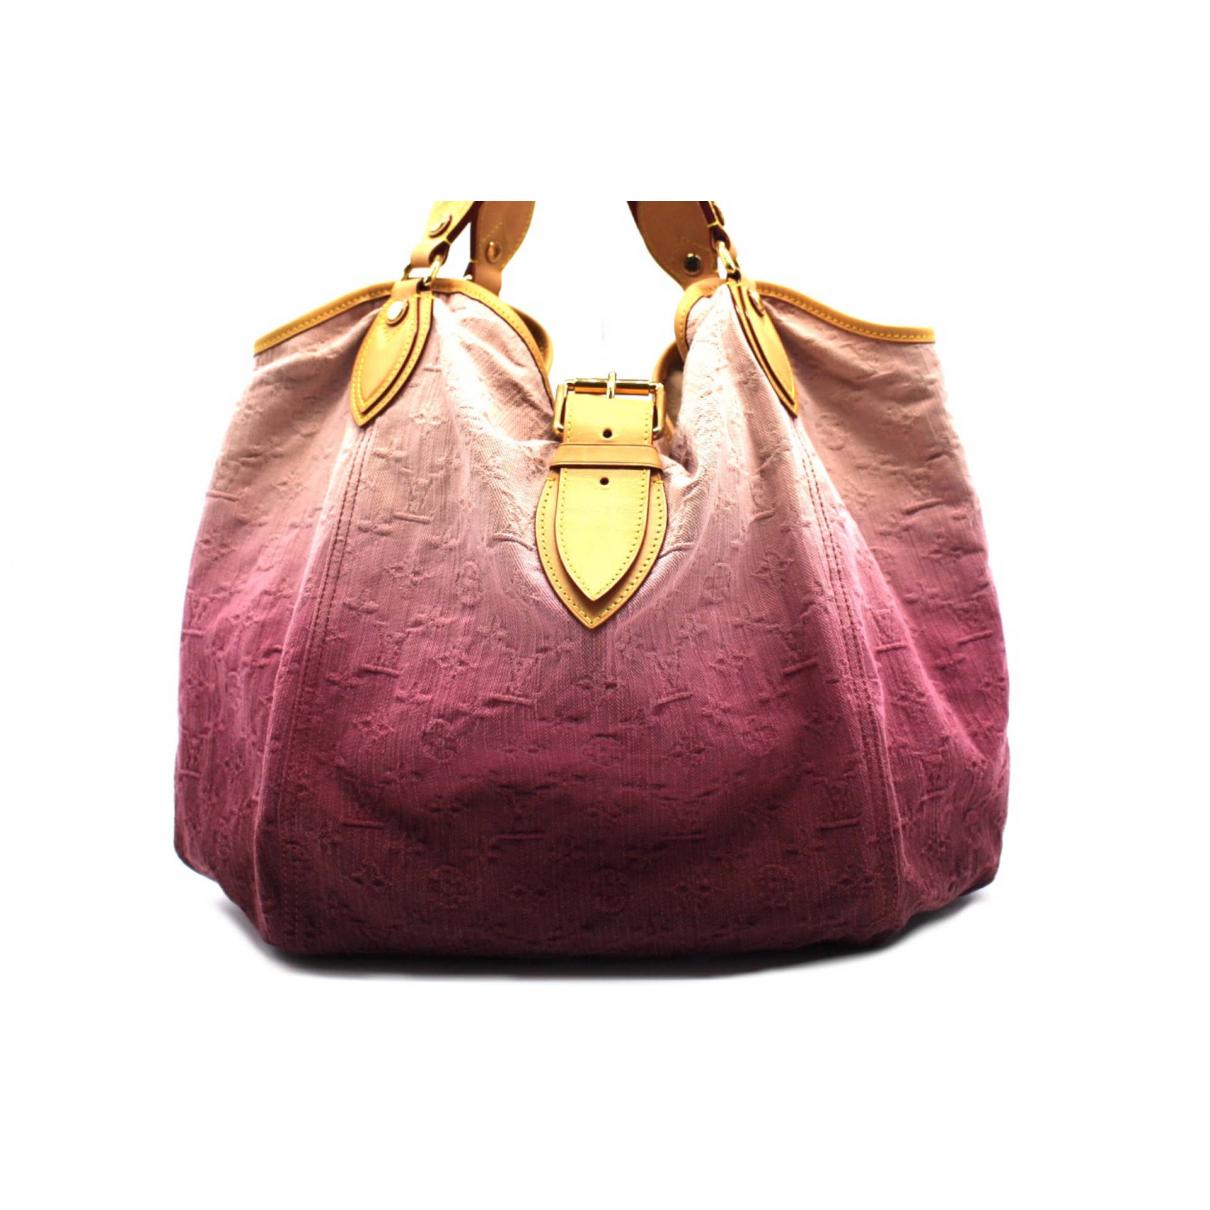 Louis Vuitton - Sac a main   pour femme en toile - rose